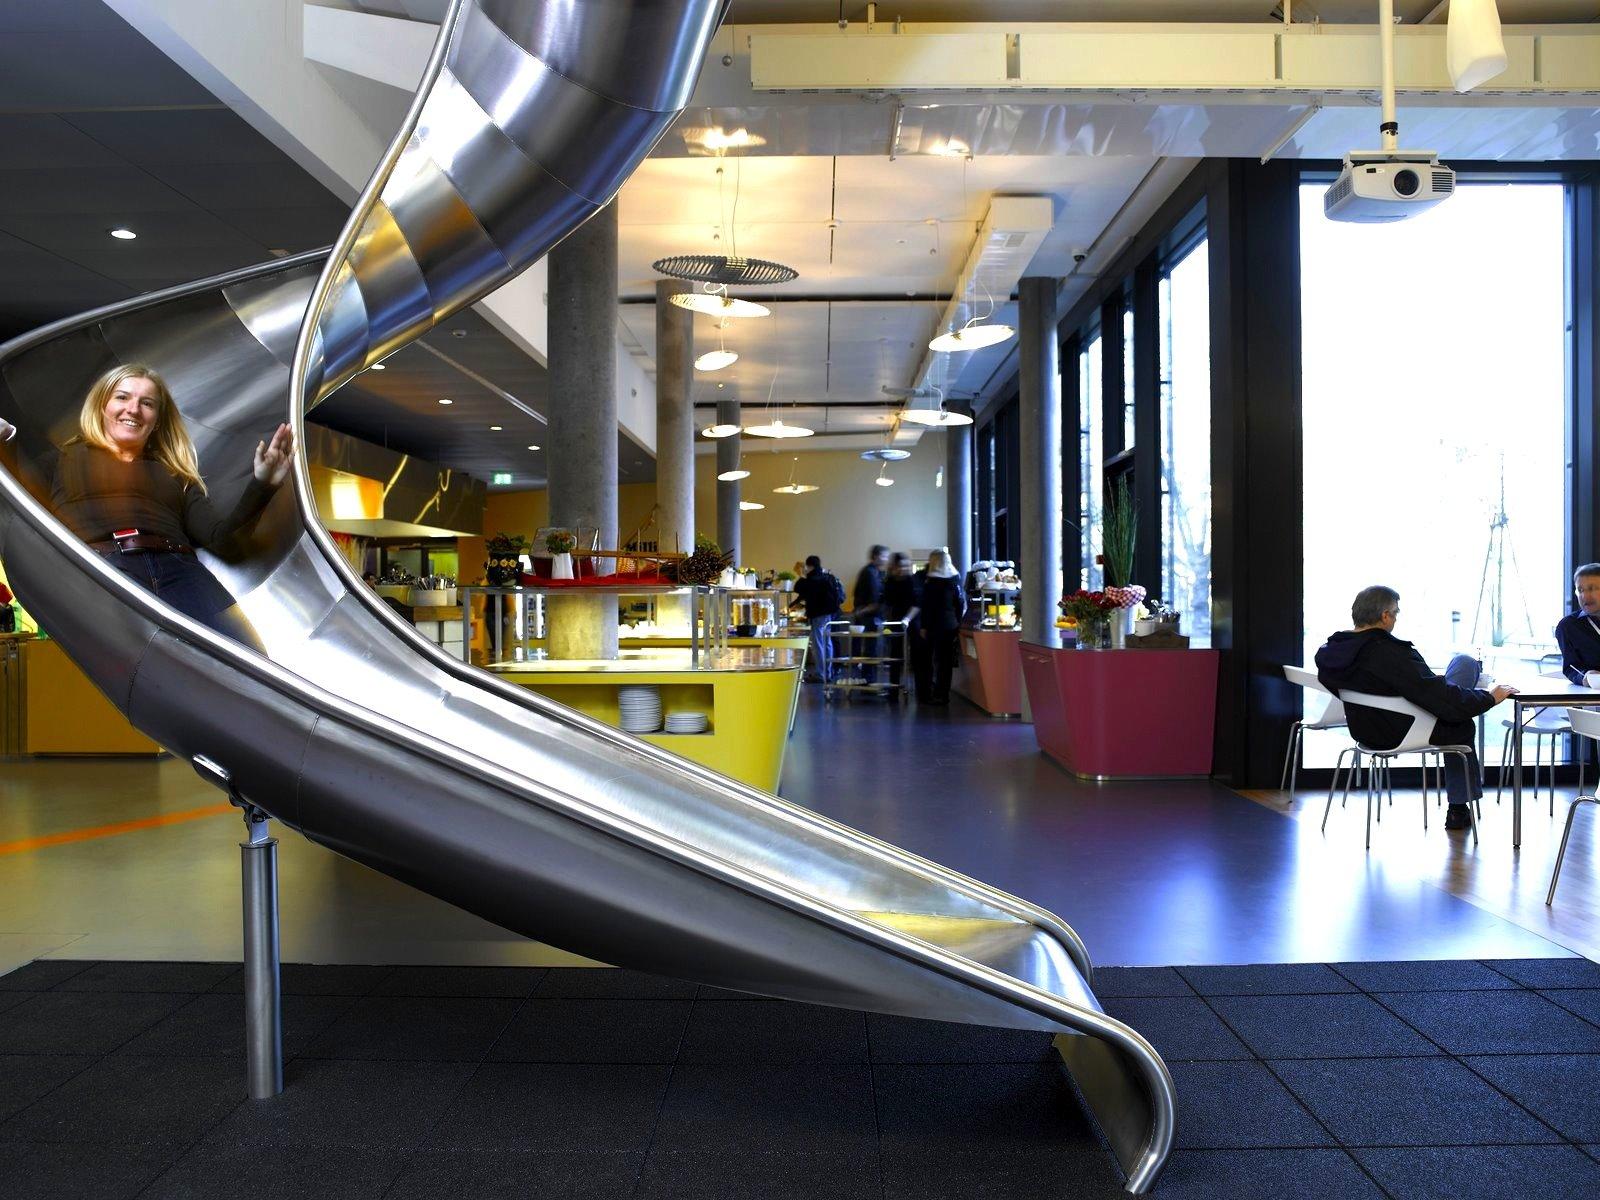 Rutsche im Google-Büro in Zürich: Der US-Konzern will seinen Mitarbeitern möglichst ungewöhnliche Arbeitsplätze bieten.